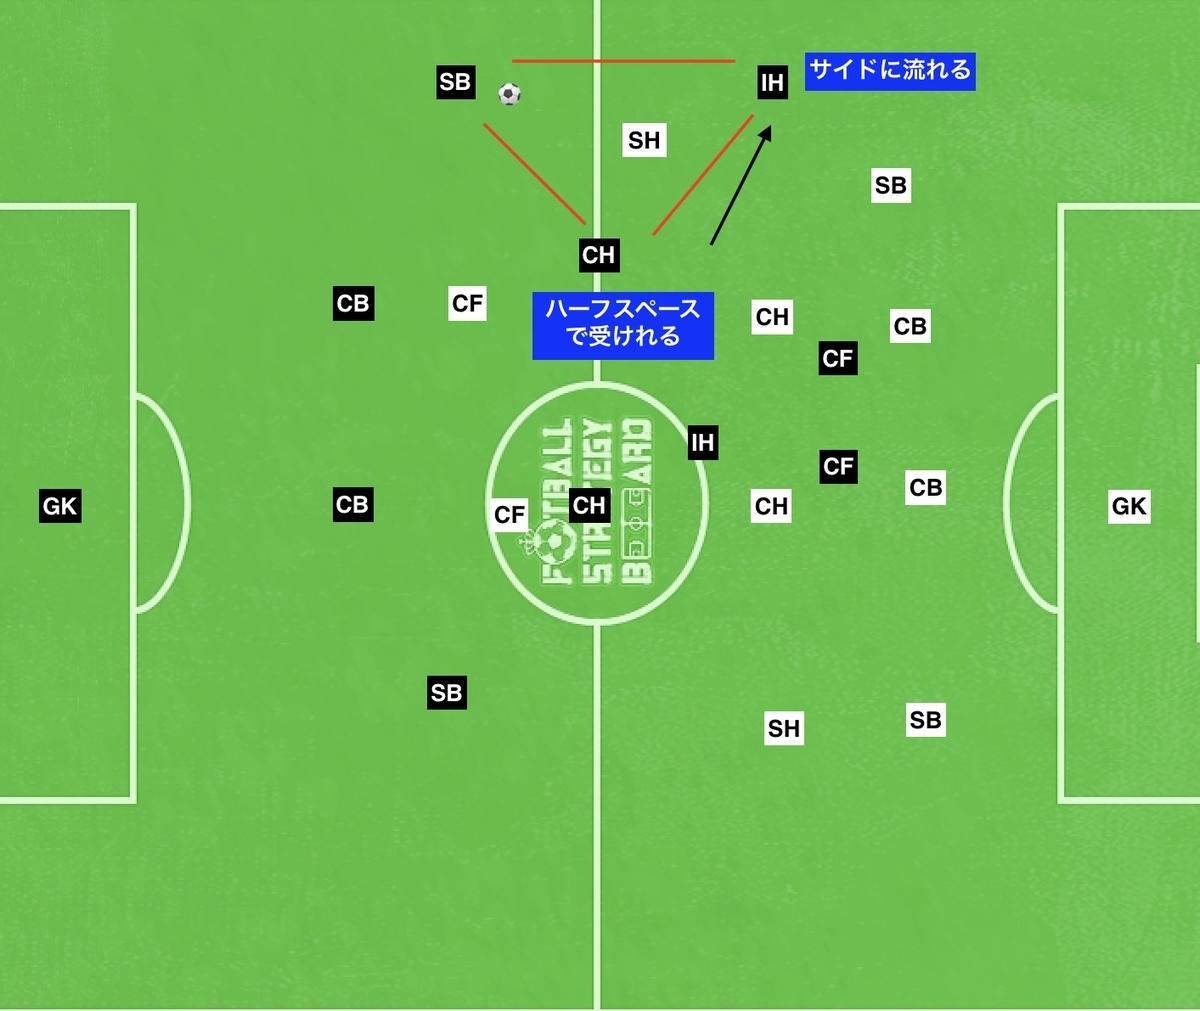 f:id:football-analyst:20190724115046j:plain